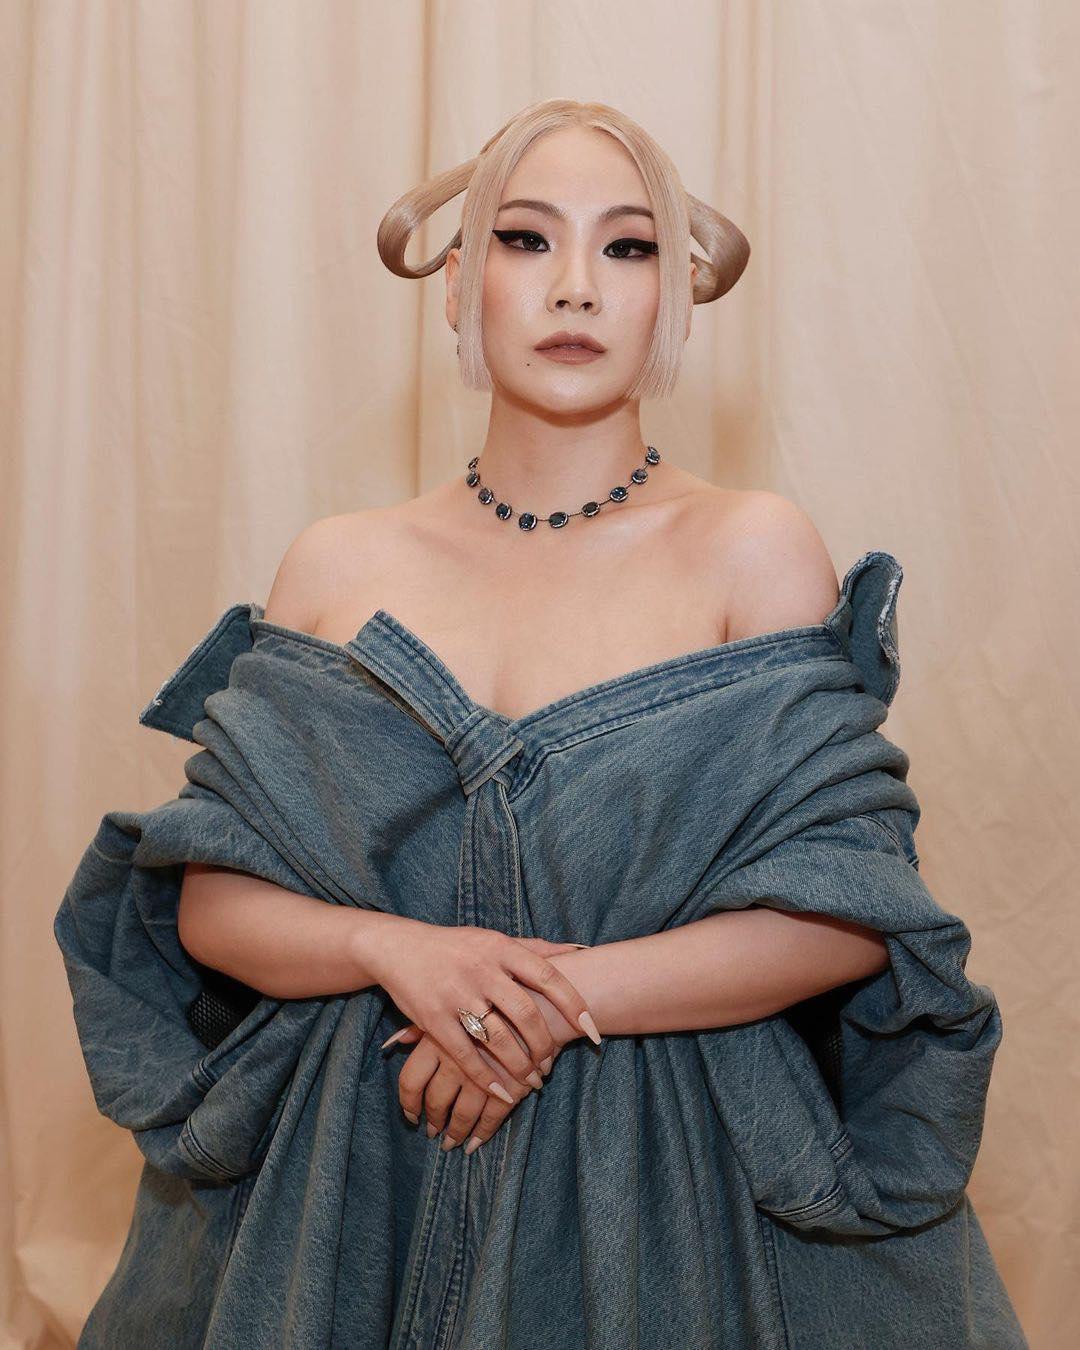 Kết hợp cùng bộ trang phục hở bạo độc đáo, CL cũng tạo kiểu tóc độc đáo, trang điểm cá tính tôn lên nét đẹp sắc sảo vốn có.